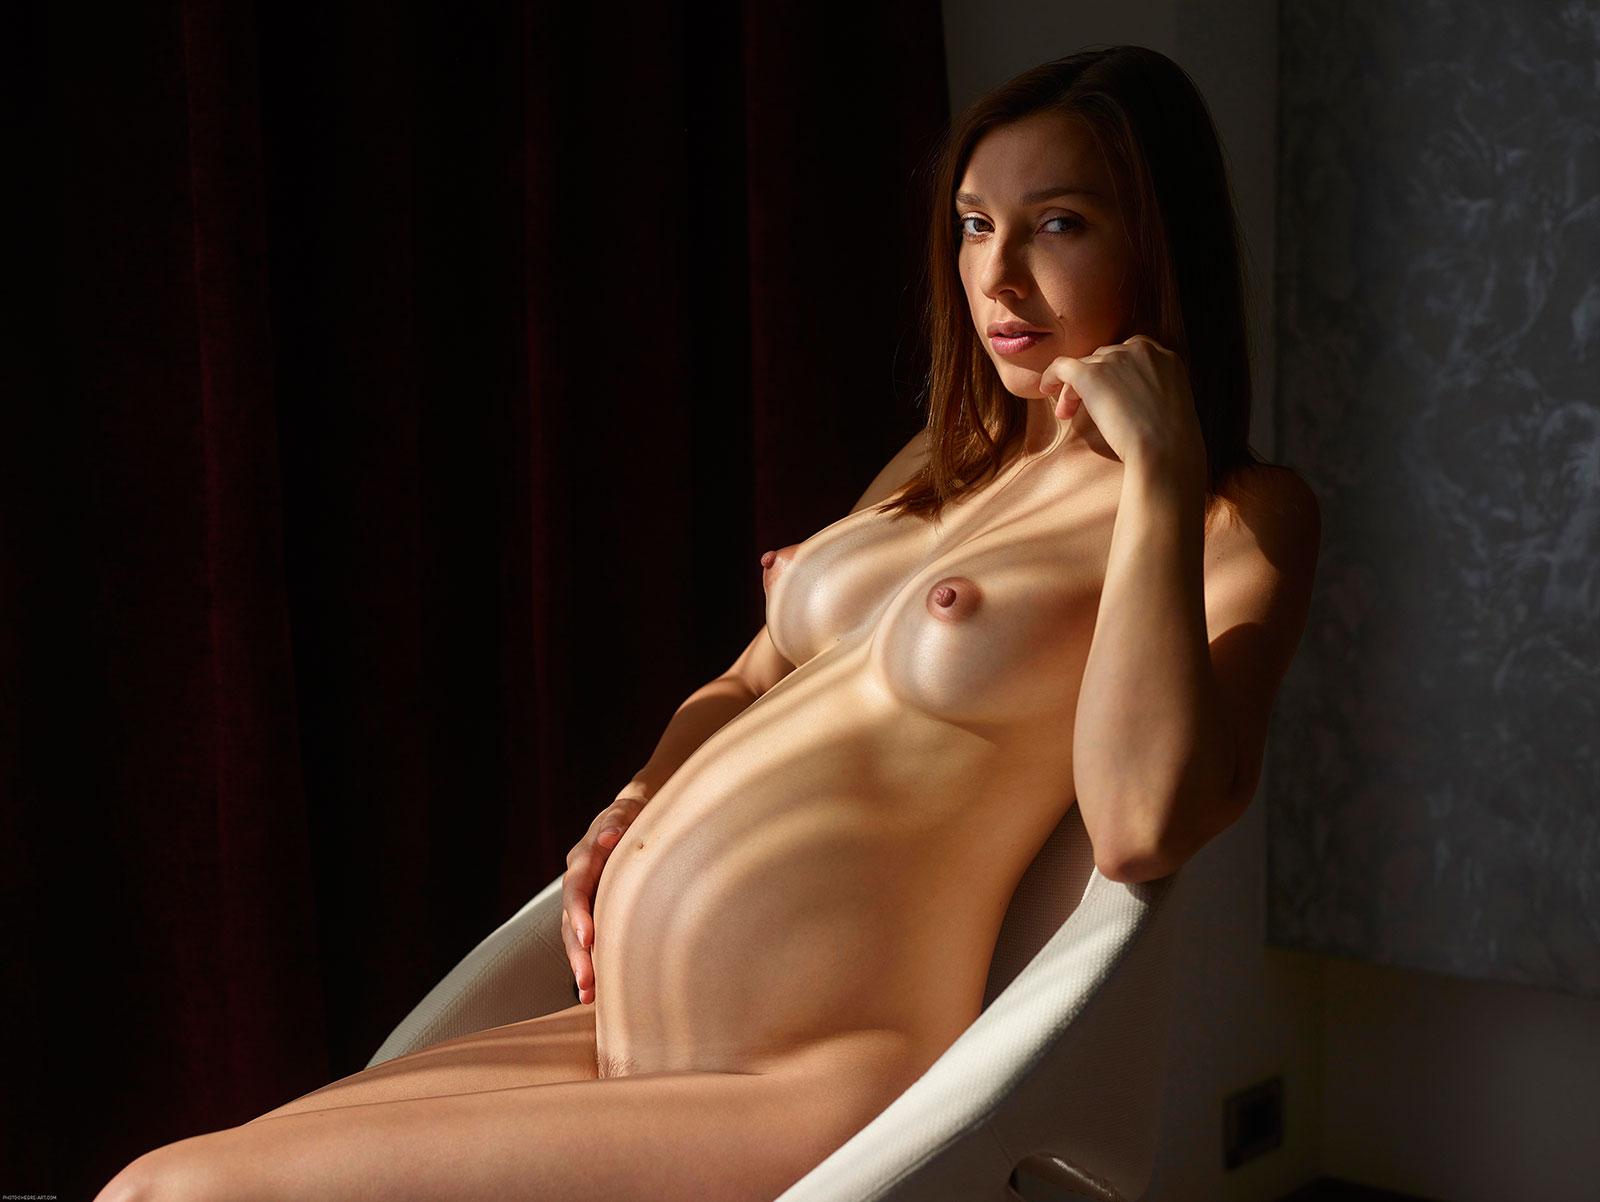 Japanese Massage 1 Massage Vk Porn Video 5d  xHamster